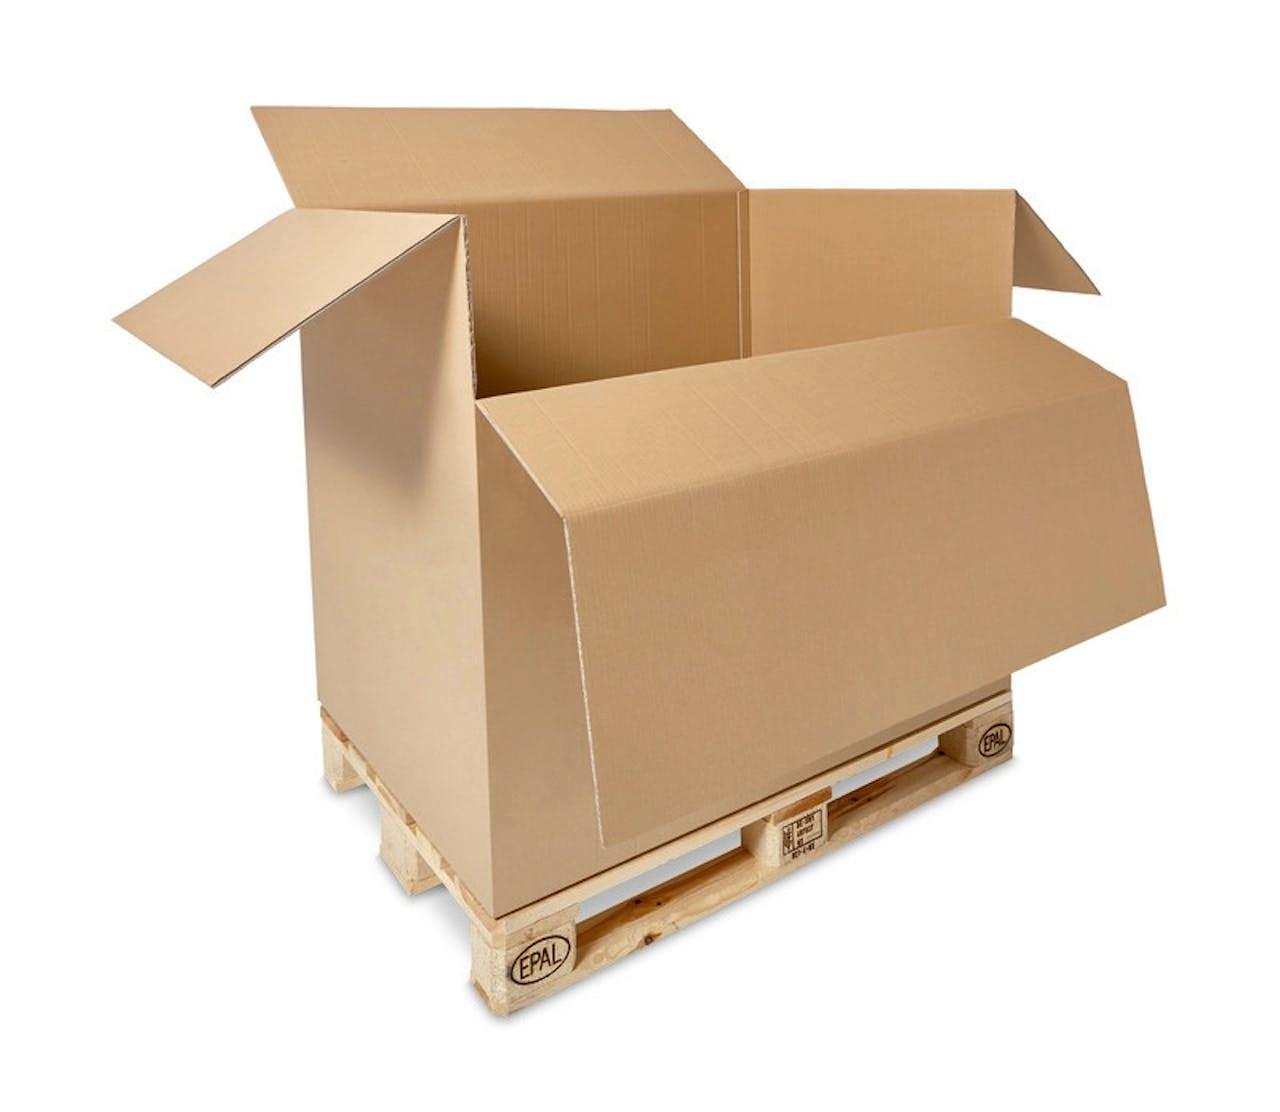 Caisse carton sur palette ECONOMY